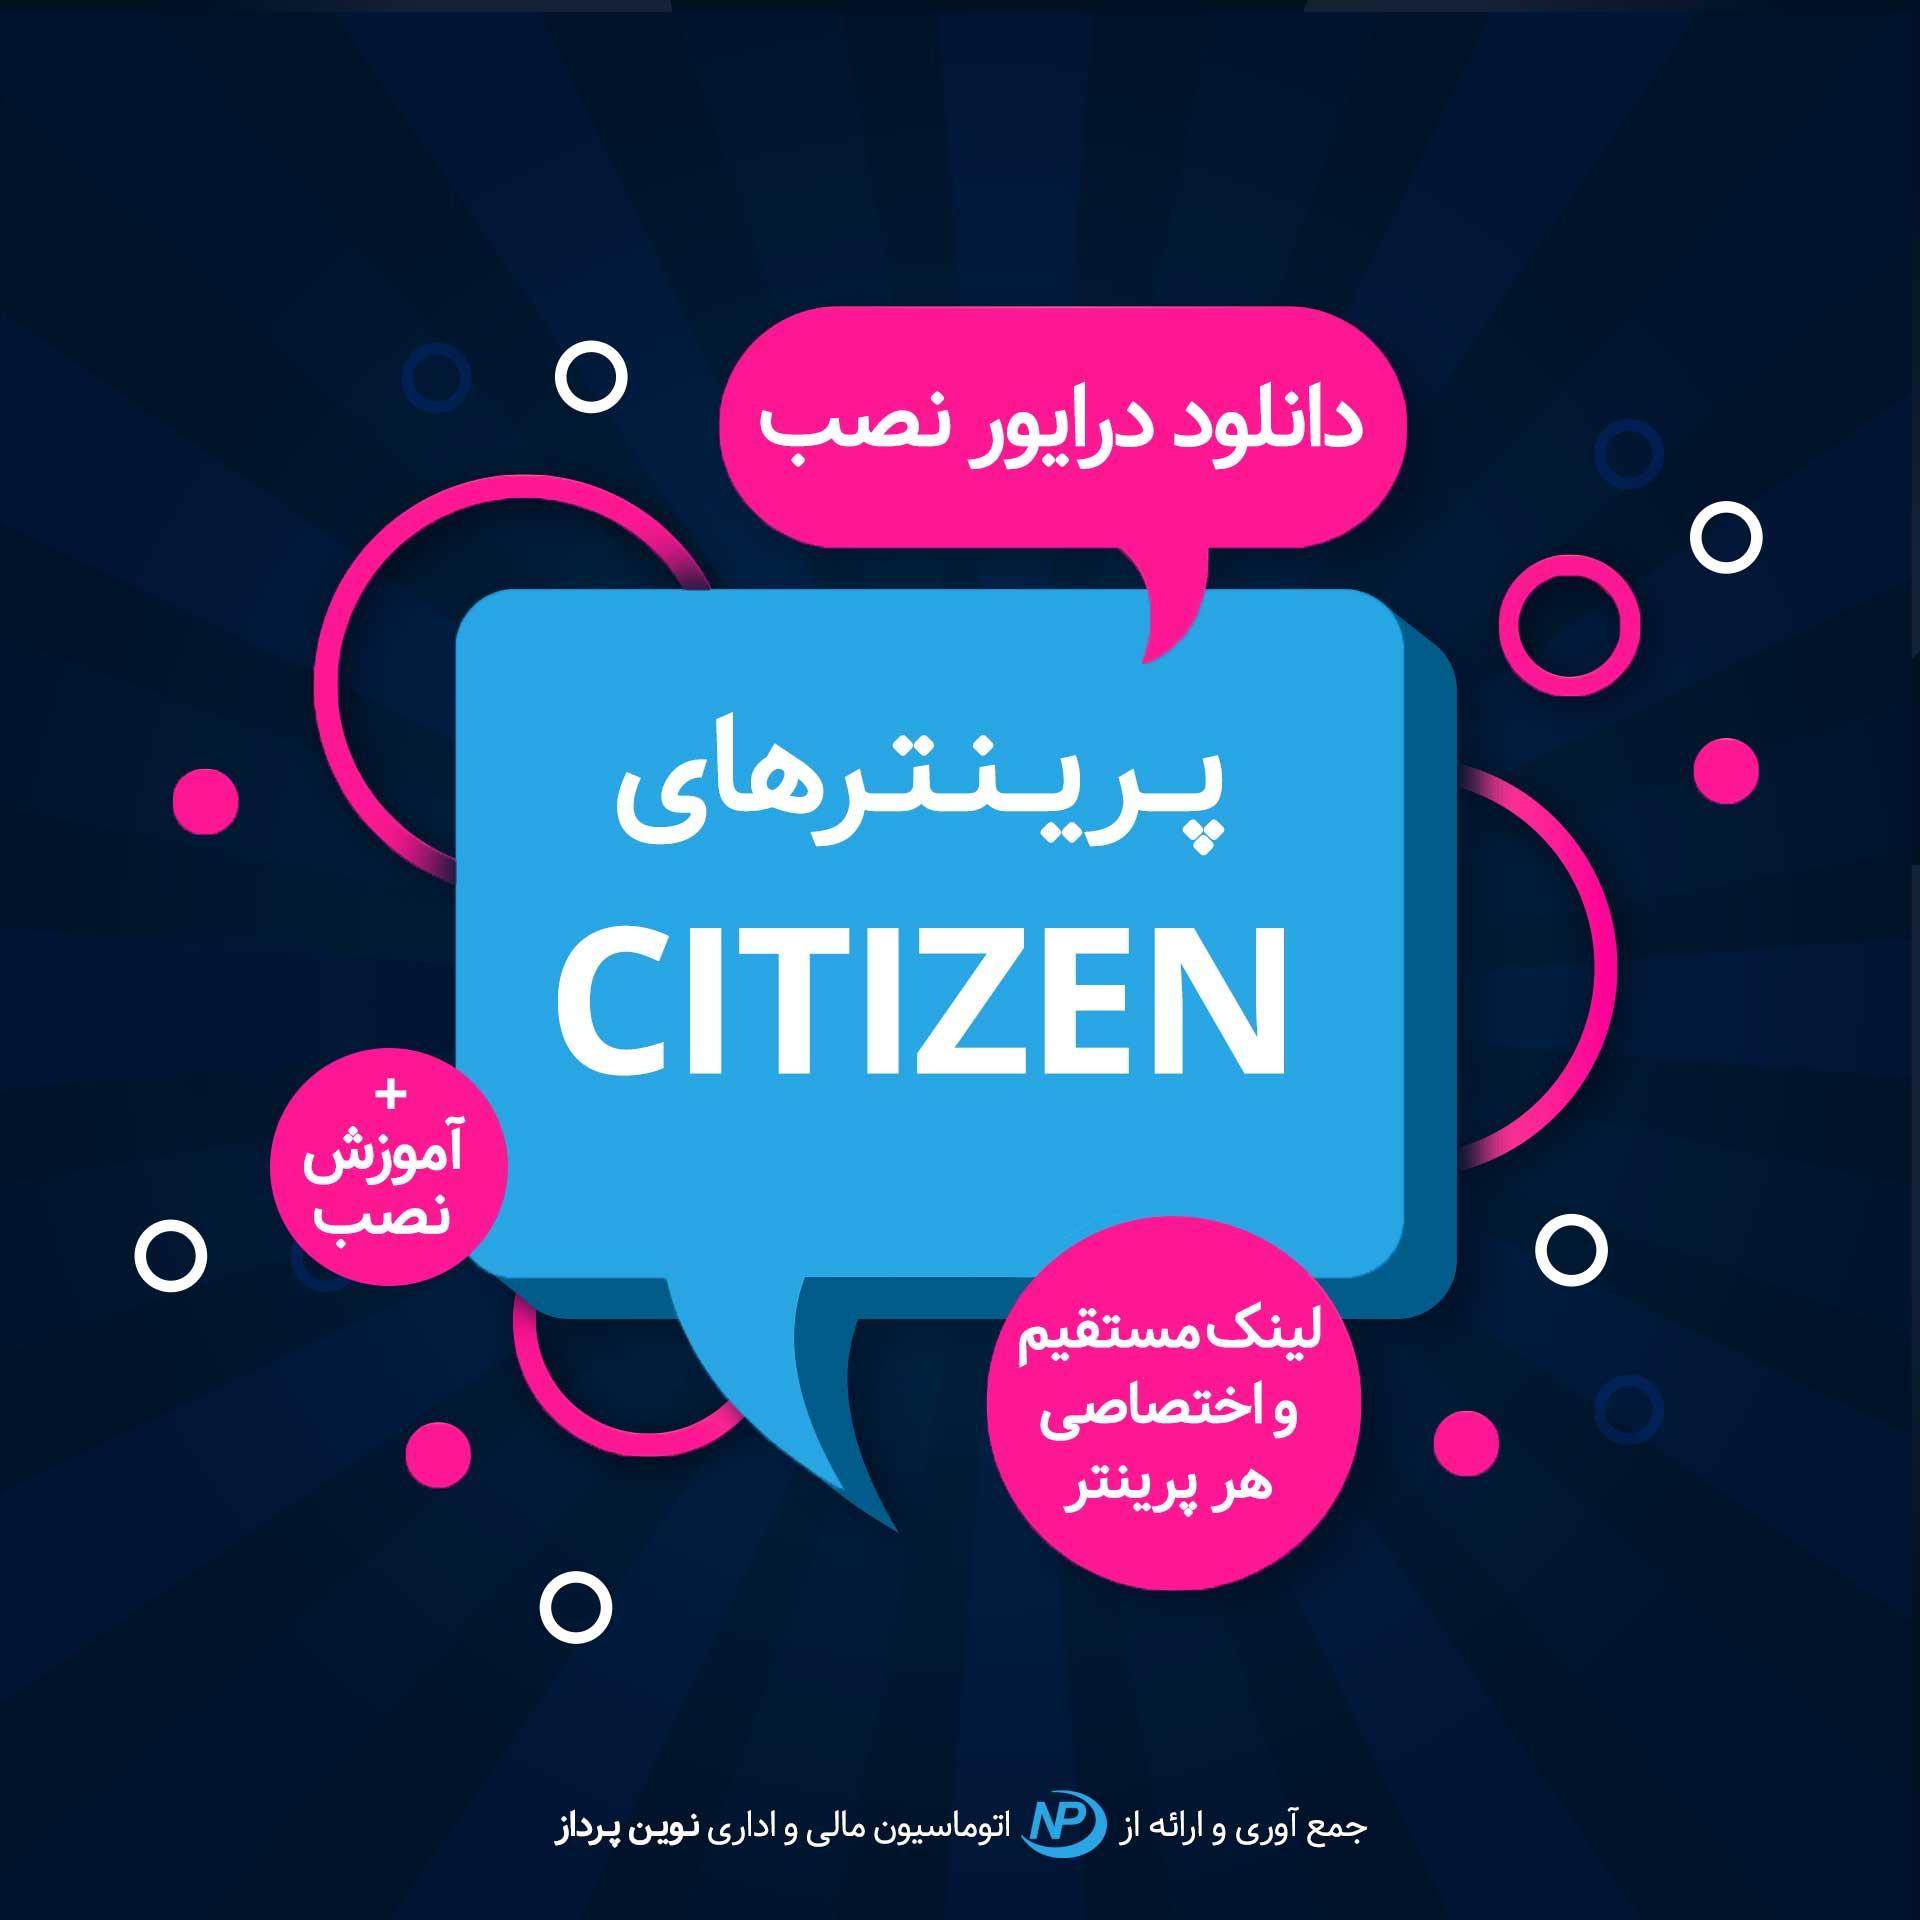 دانلود درایور نصب پرینترهای Citizen + آموزش نصب